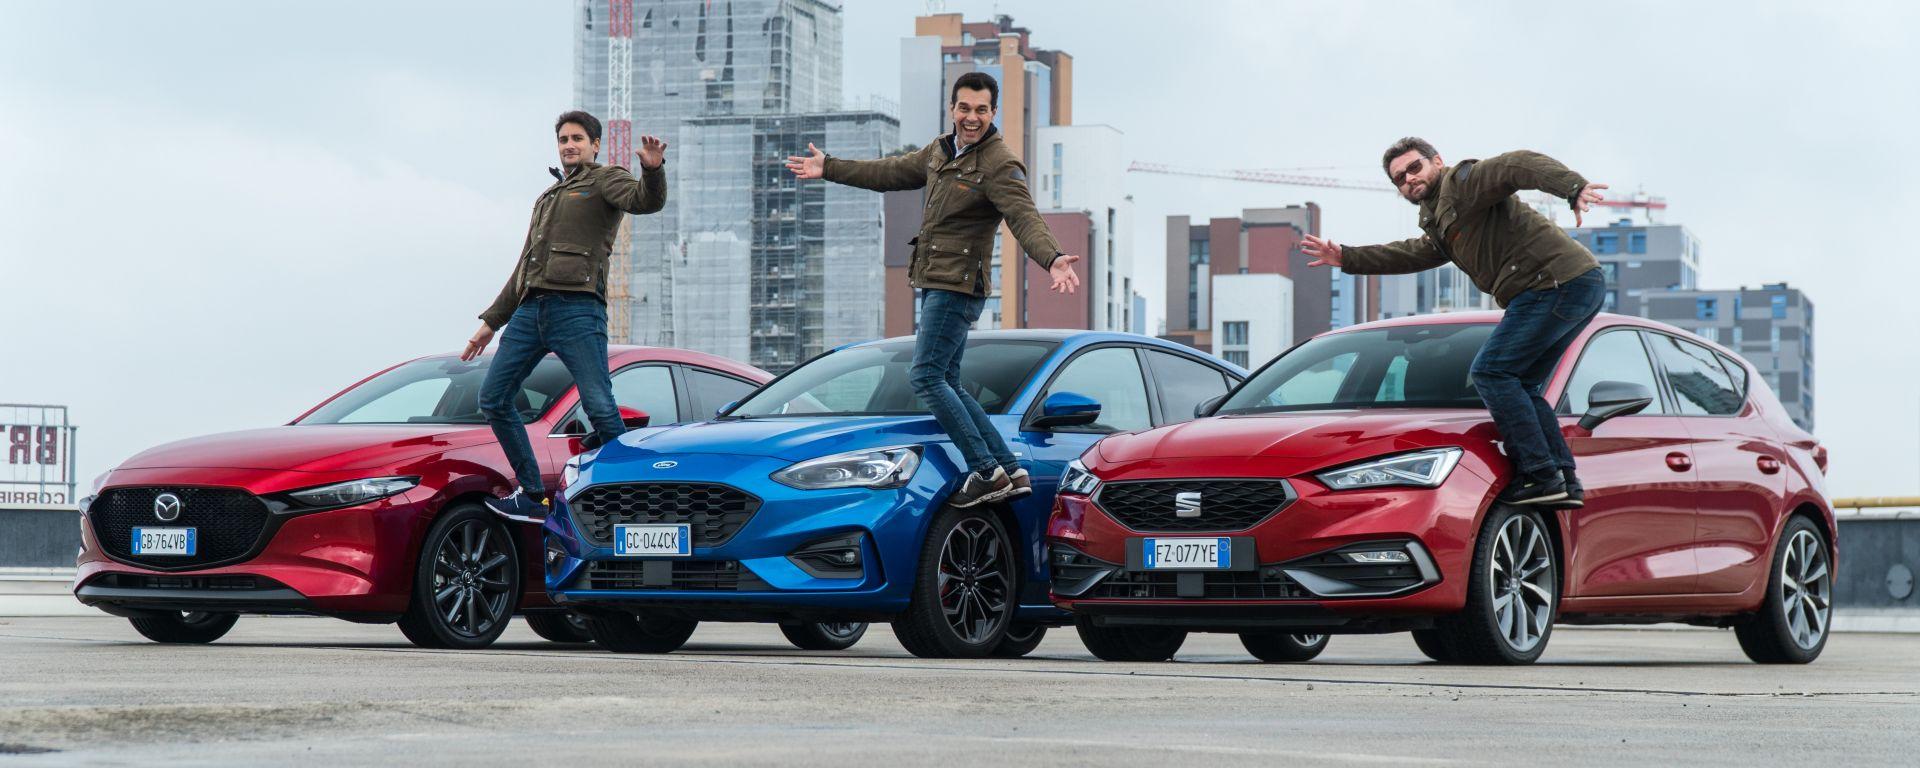 Comparativa Ford Focus EcoBoost Hybrid, Mazda3 Skyactiv G M Hybrid, Seat Leon eTSI: mild-hybrid a confronto